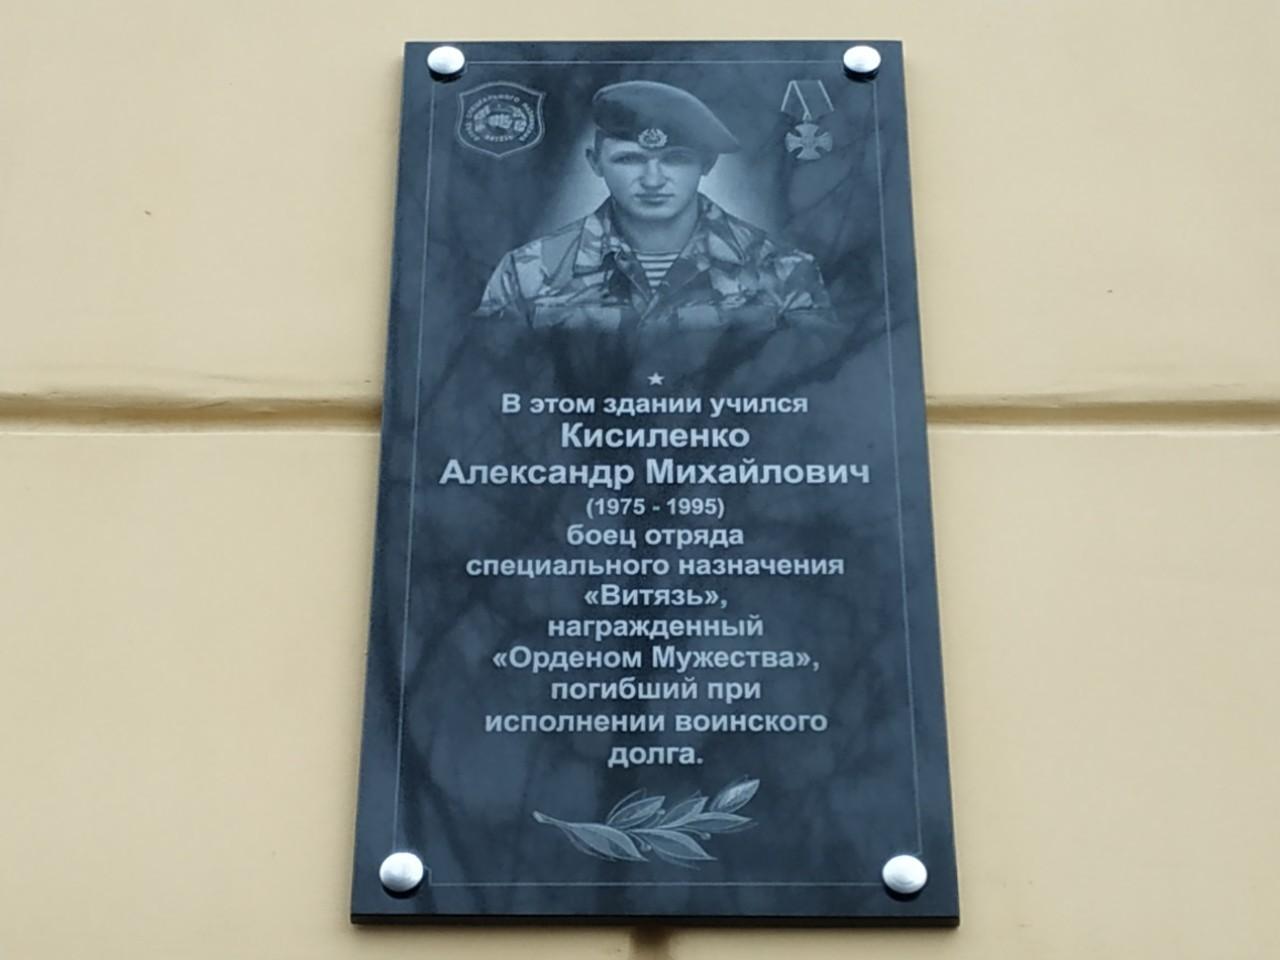 Открытие мемориальной доски А.М. Кисиленко